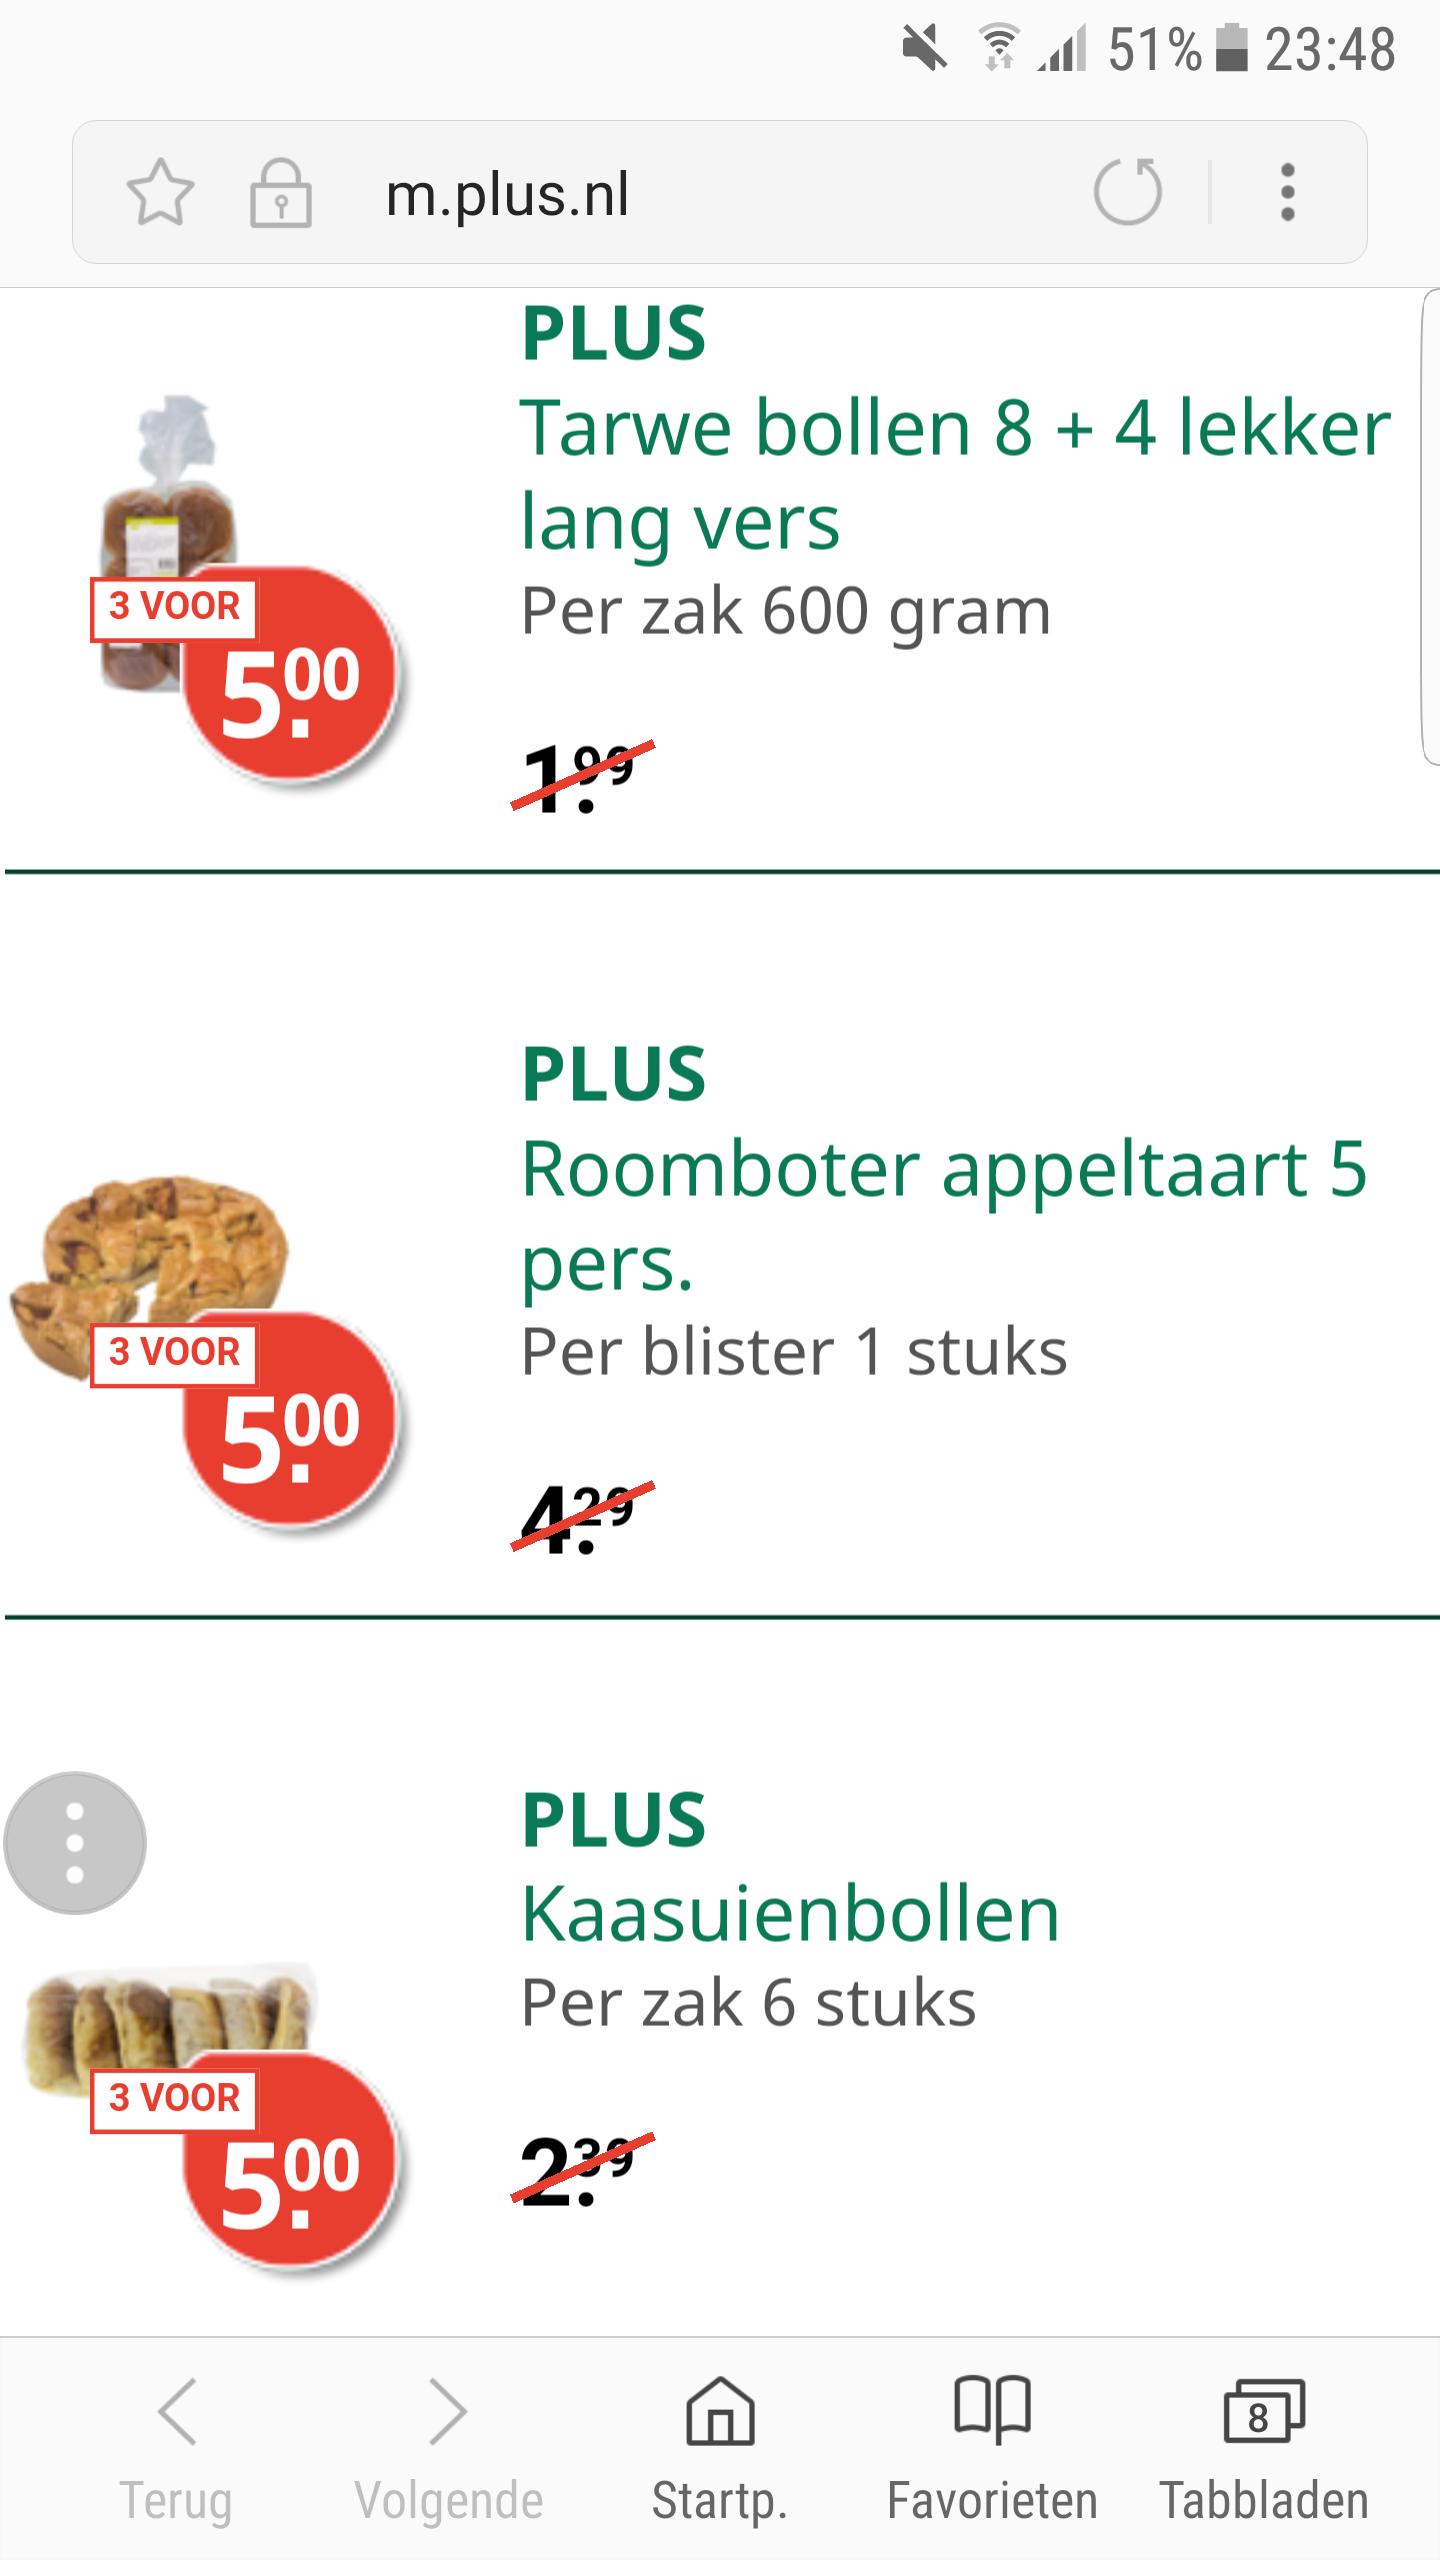 Appeltaart voor €1,66 per stuk (3 stuks) @ Plus, meer dan 61% korting